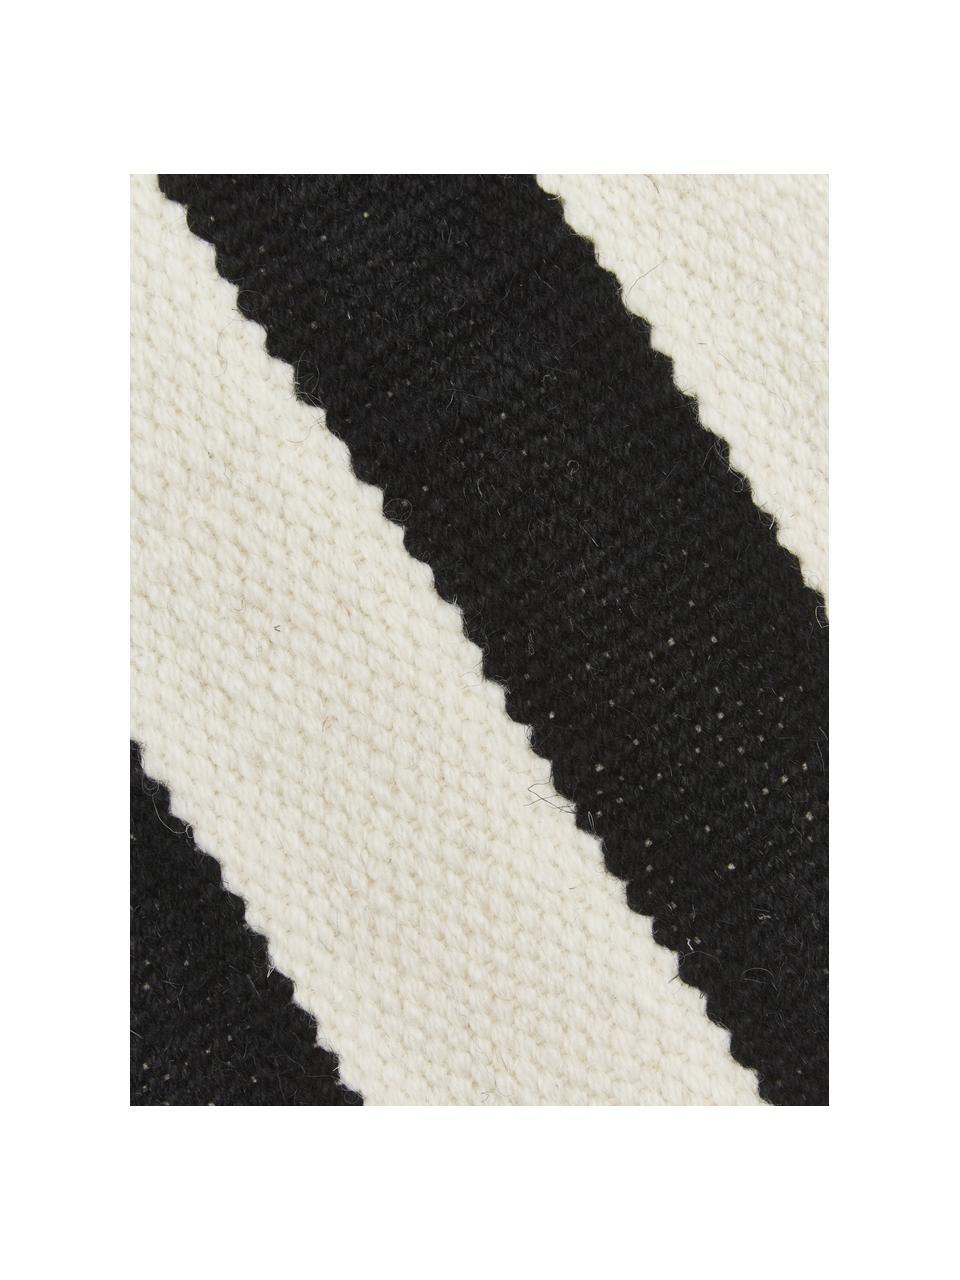 Handgeweven Kelim vloerkleed Donna met strepen, Bovenzijde: 80% wol, 20% nylon, Onderzijde: 100% katoen Bij wollen vl, Zwart, B 80 x L 150 cm (maat XS)